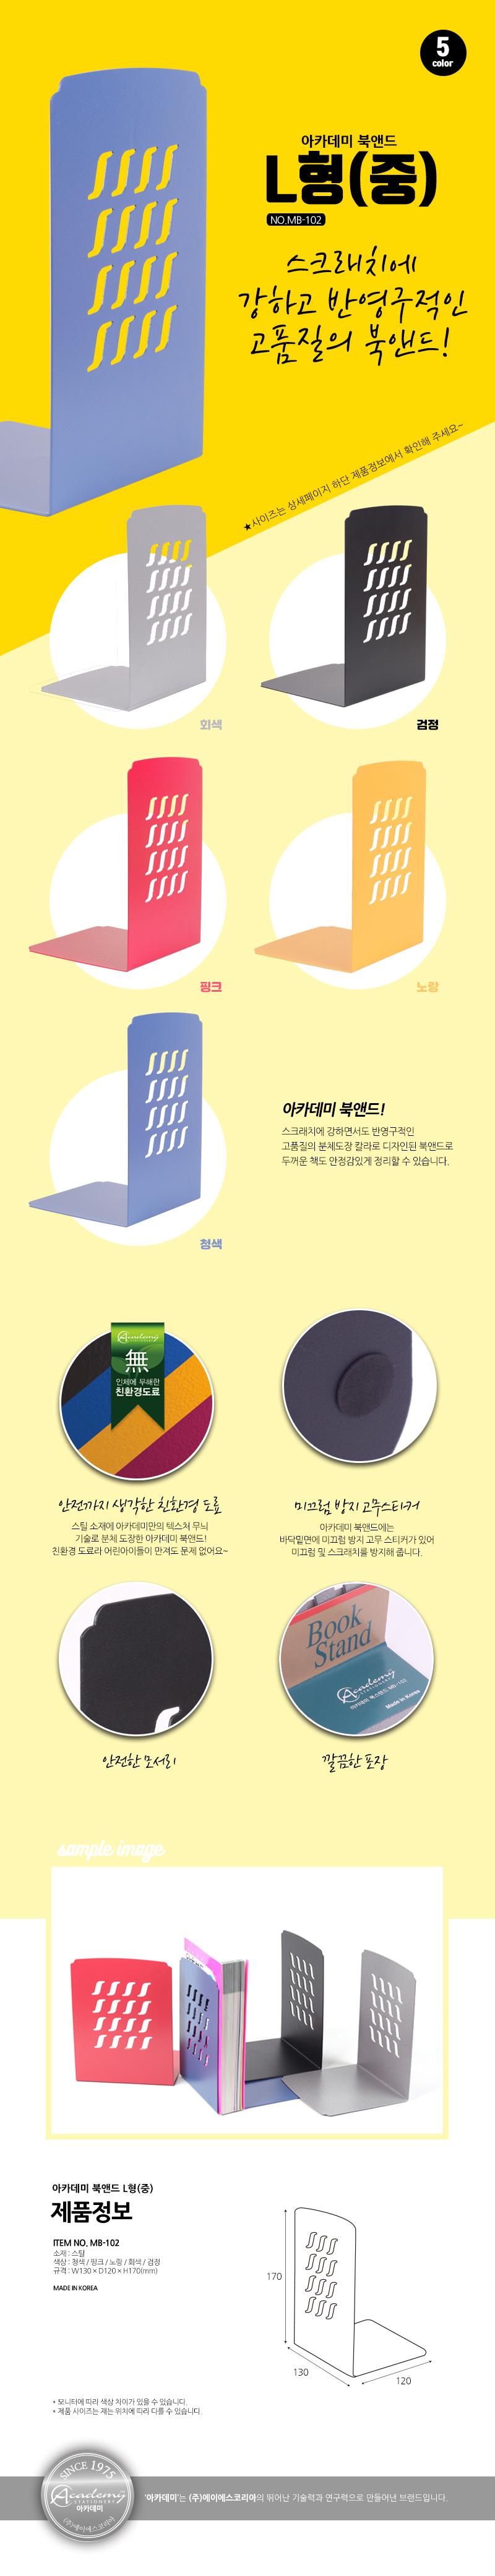 (당일출고)북엔드 L형-중 (2개/1조) 책꽂이 책거치대 - (주)빅드림, 4,340원, 데스크정리, 다용도 홀더